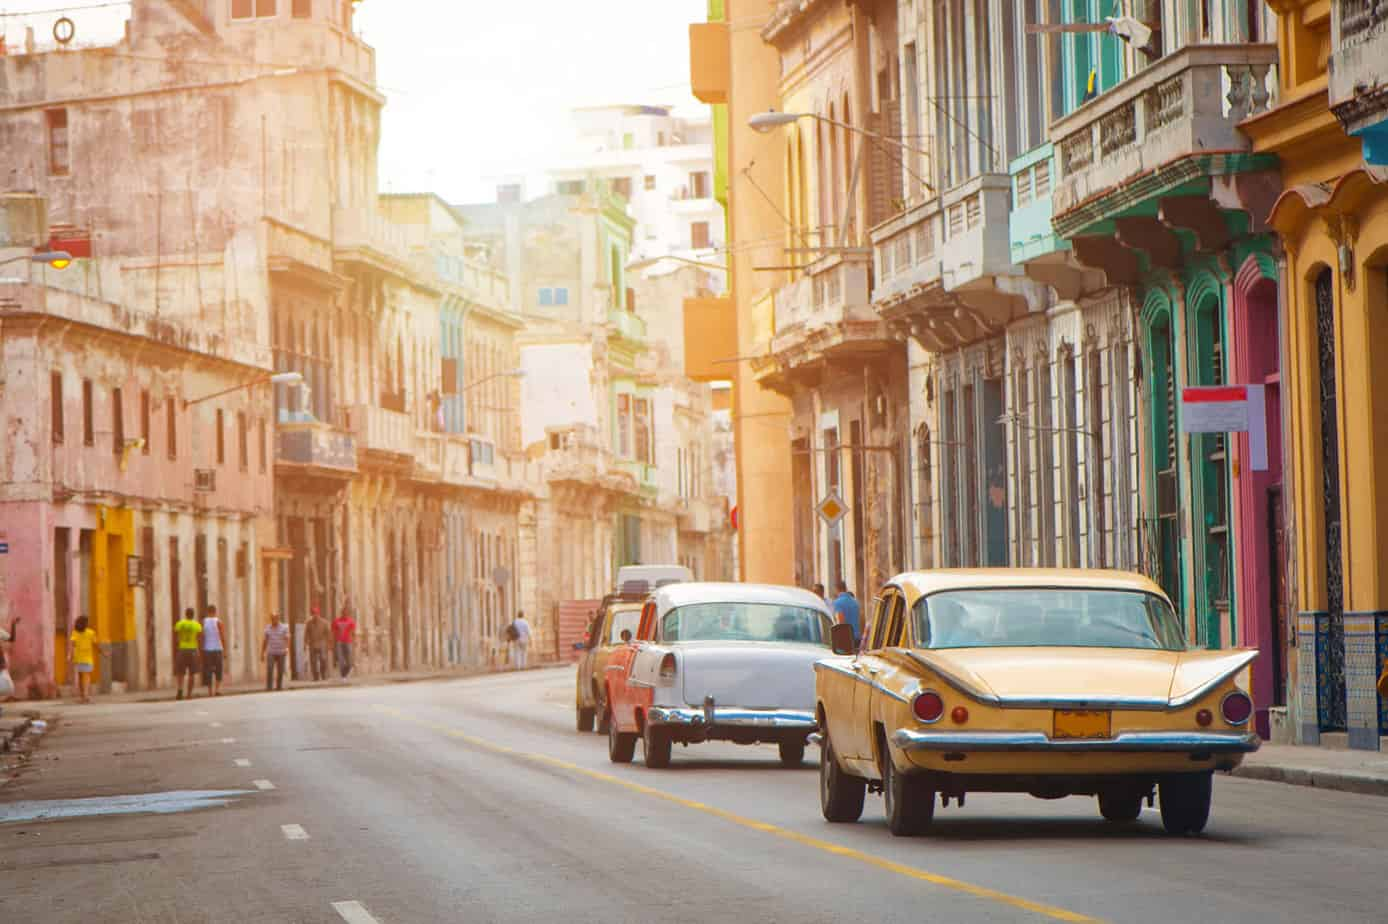 Foto: turismodecuba.com.ar